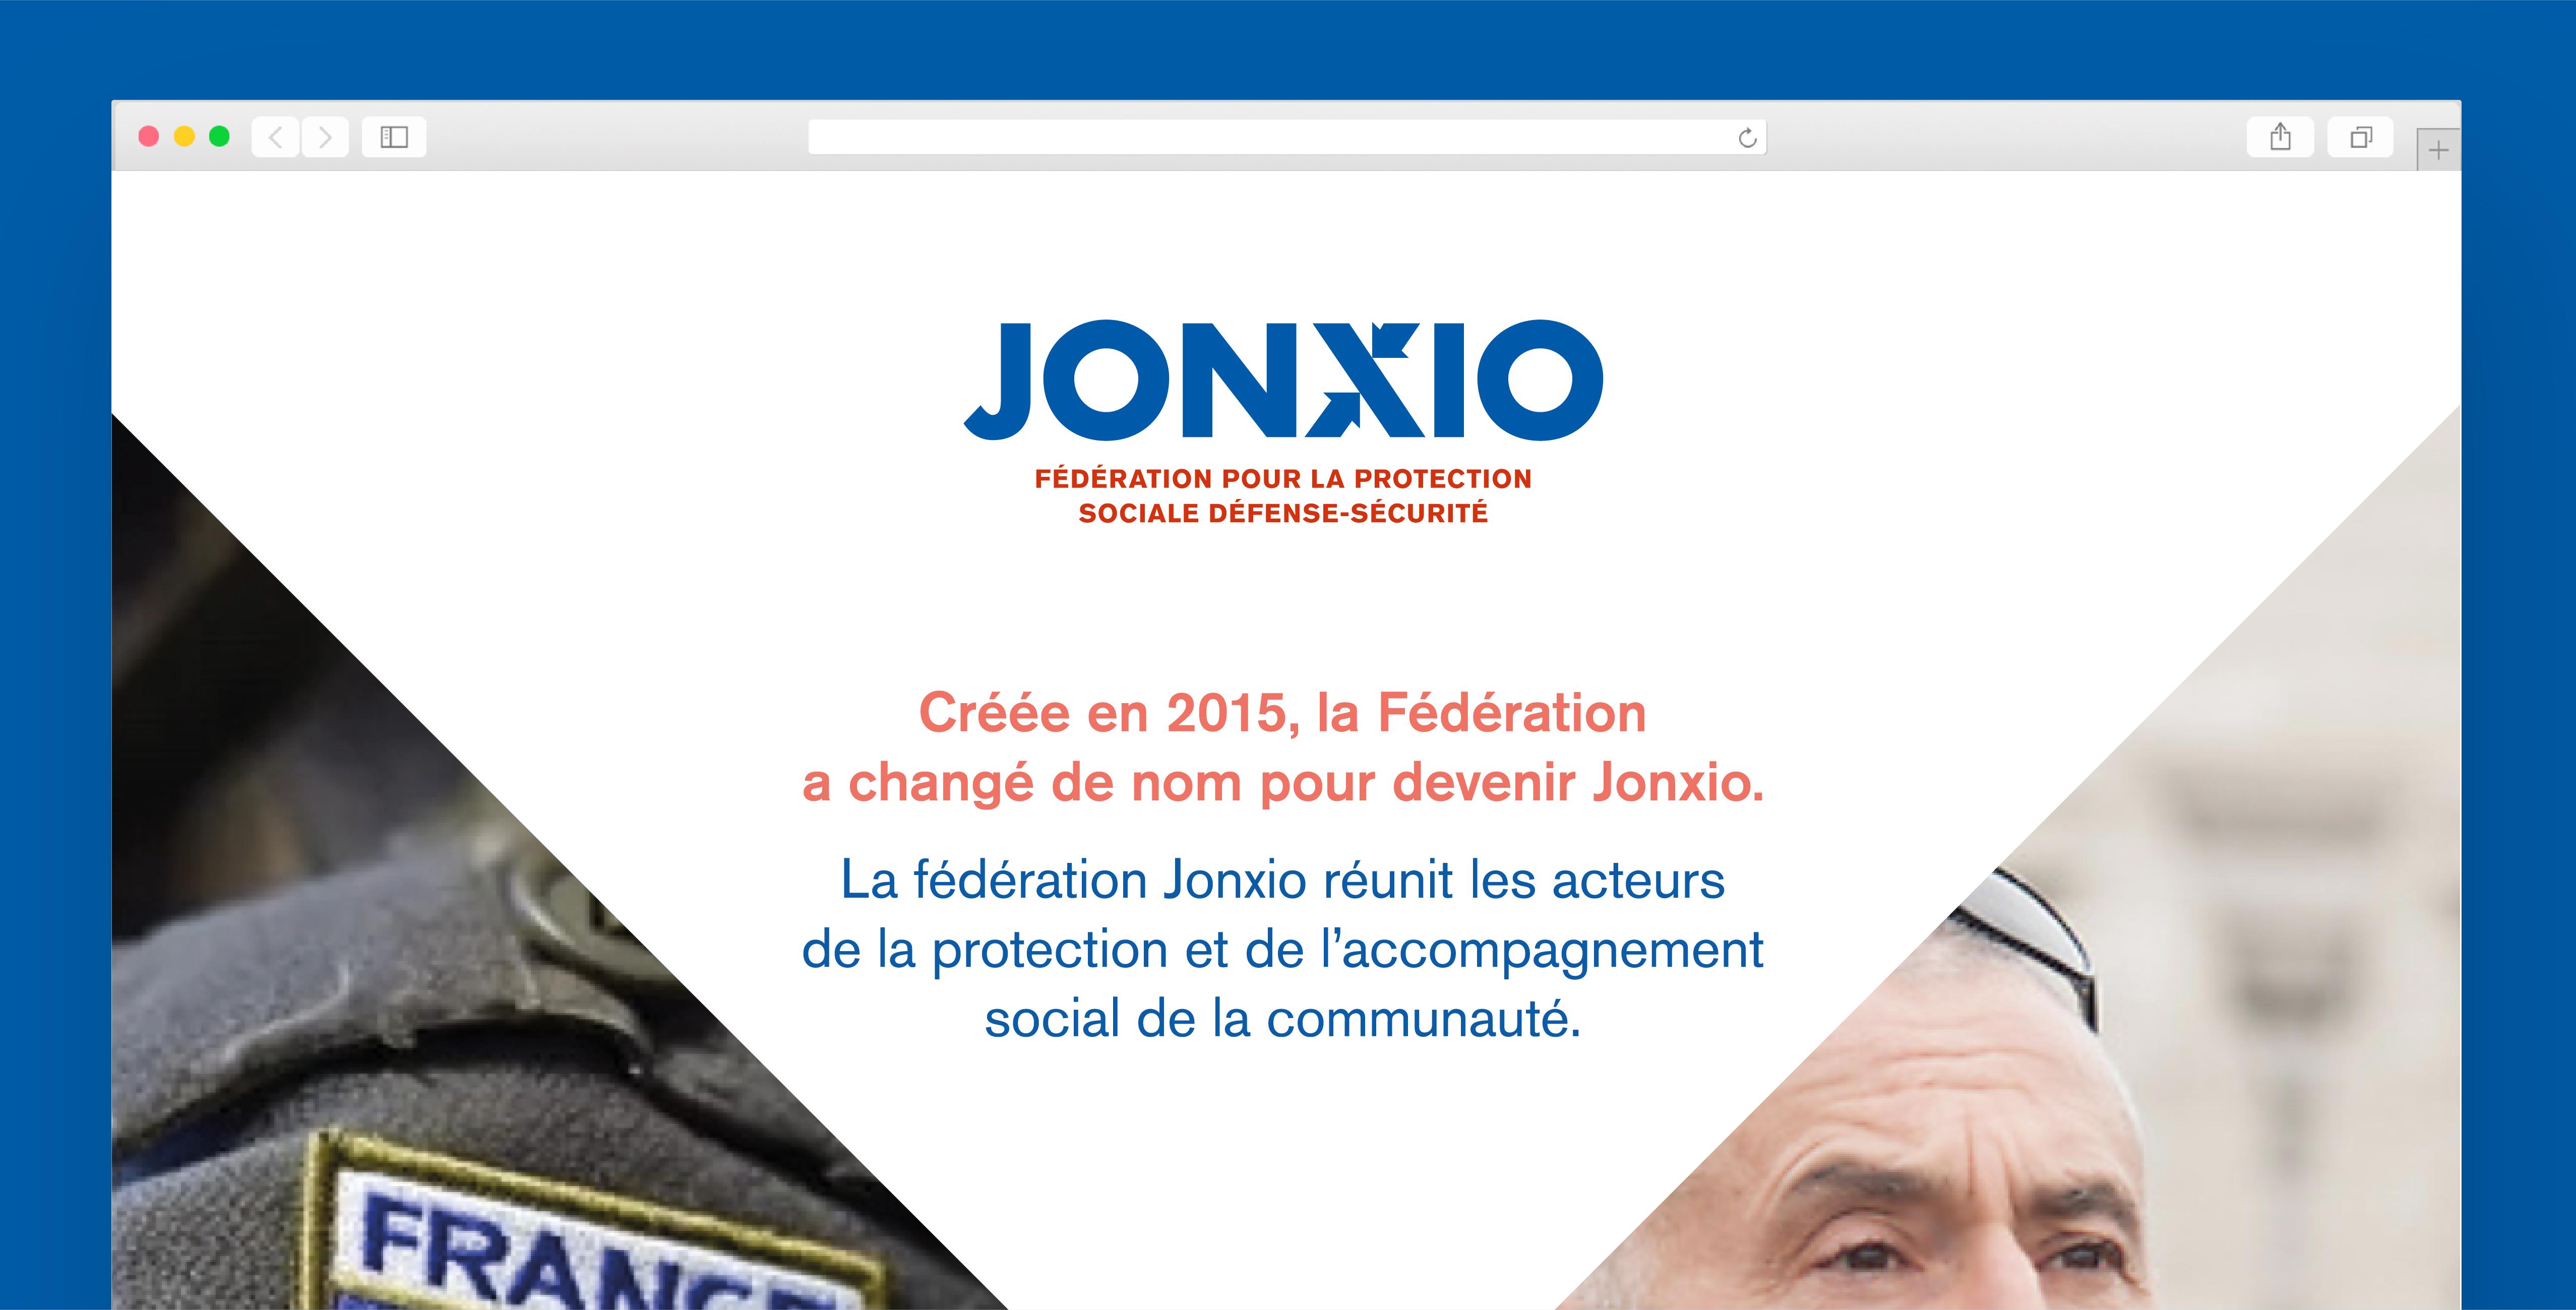 Jonxio